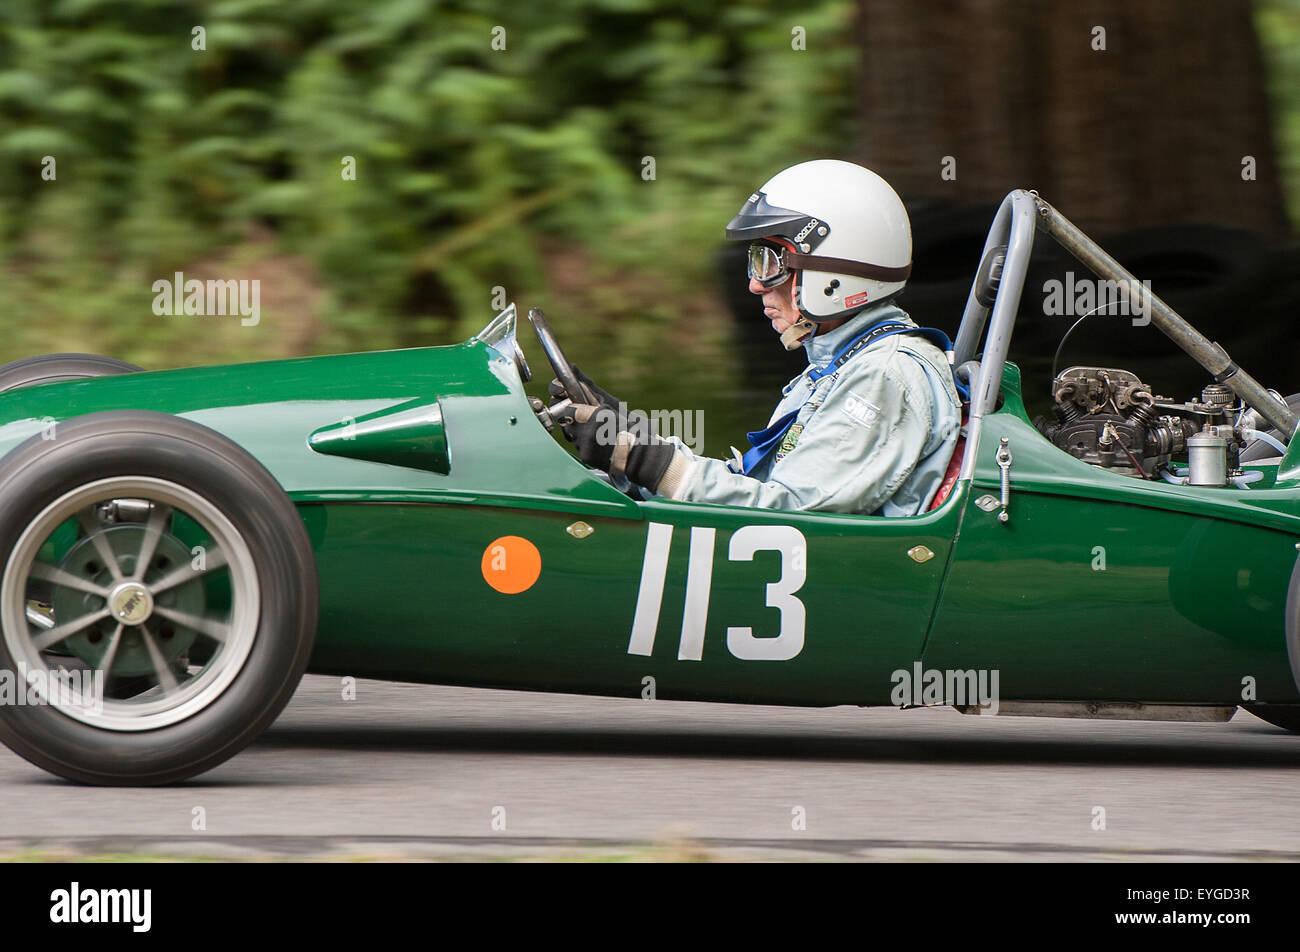 Historic Racing car at Loton Park Hillclimb - Stock Image